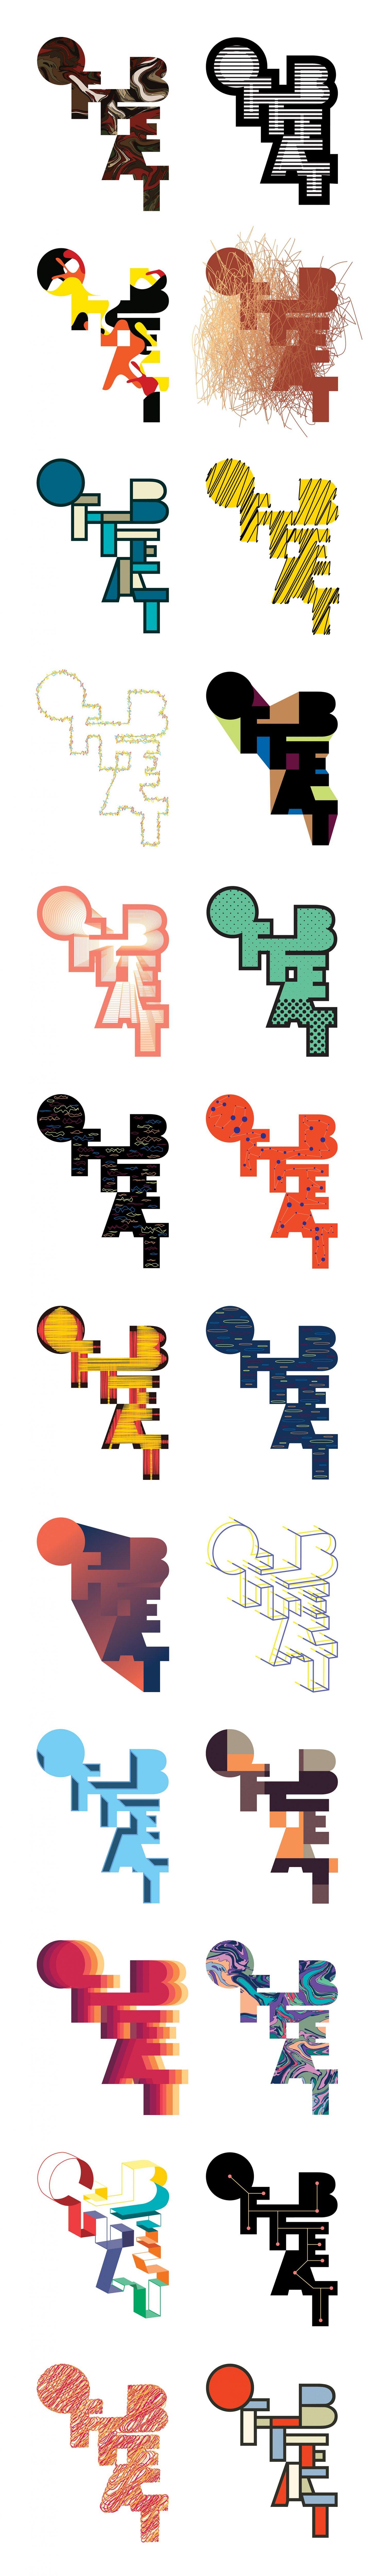 Sir Offbeat Logo Designs by Furia